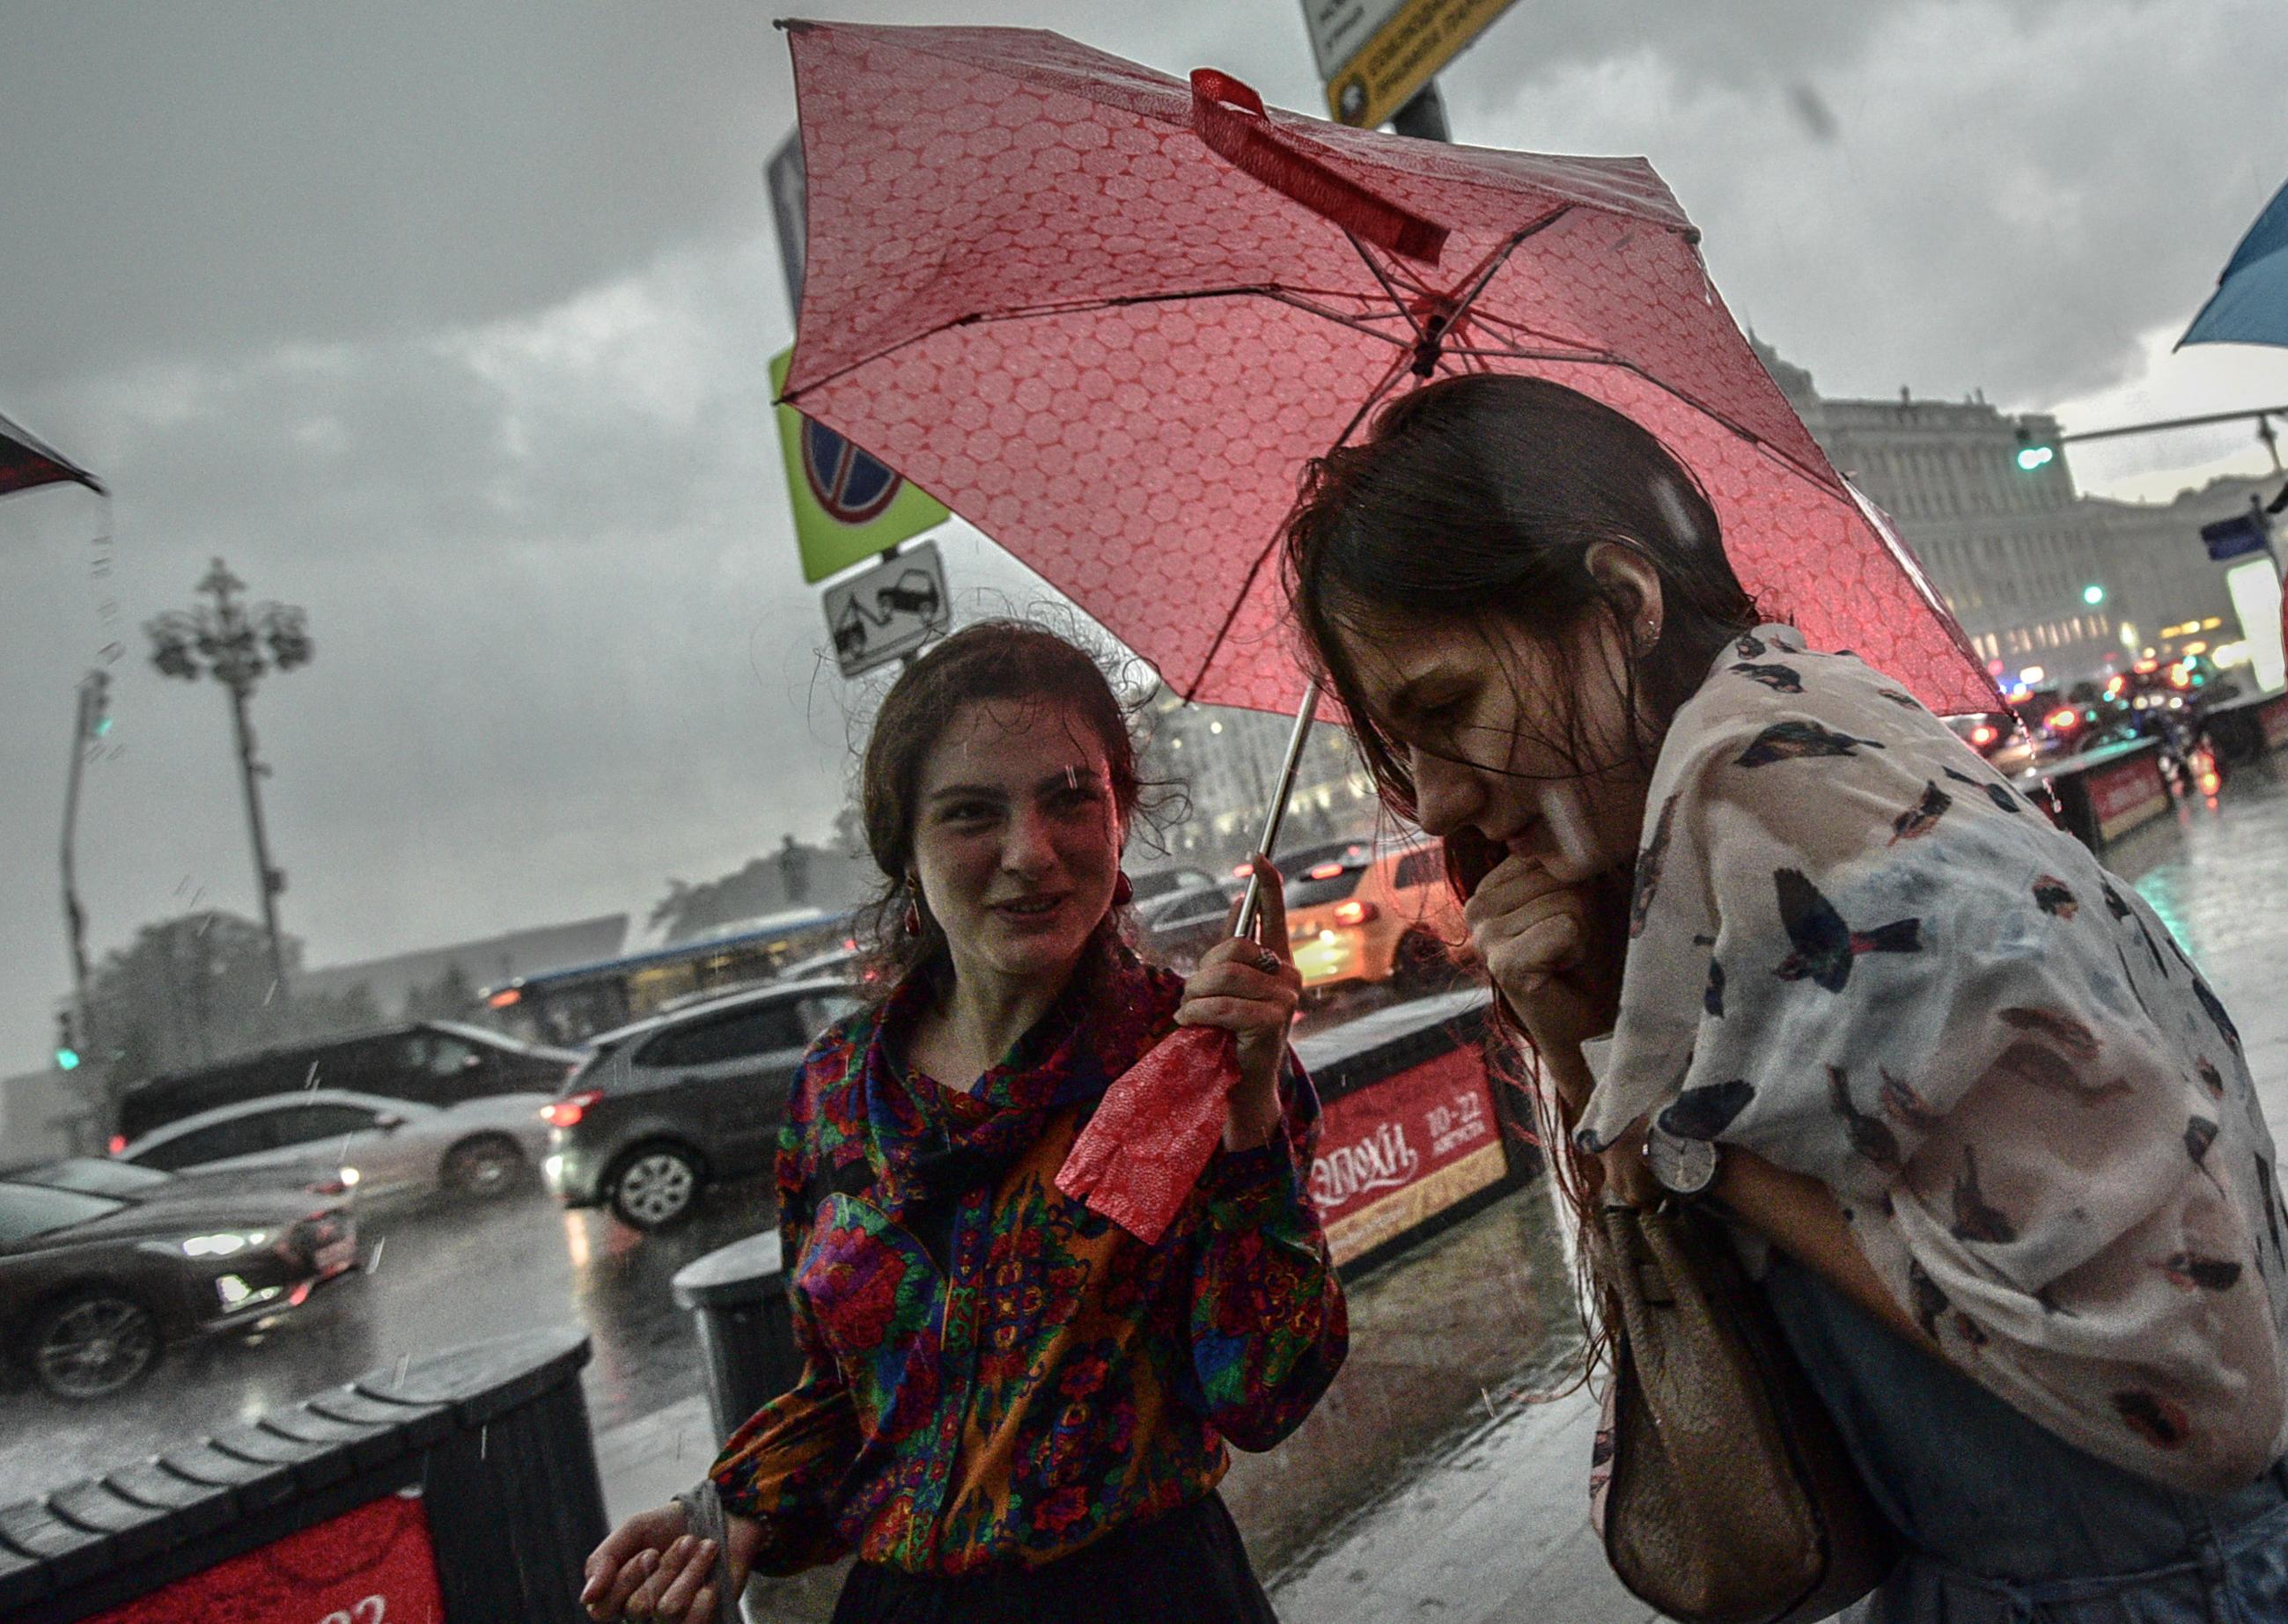 Жителей Москвы ждет жаркая и дождливая погода во вторник